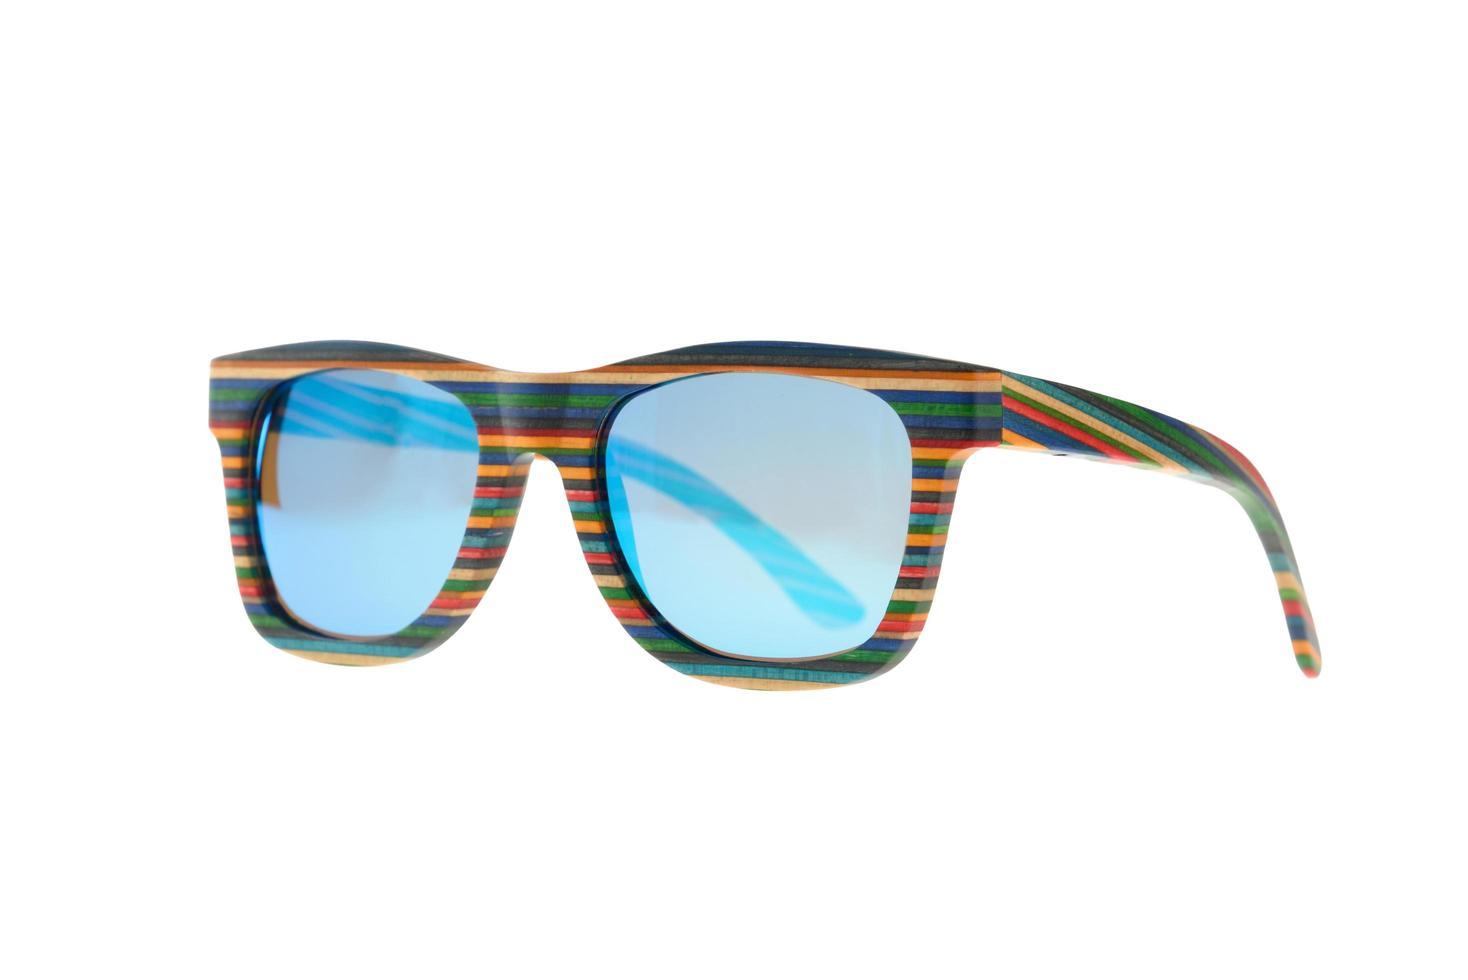 houten kleurrijke gestreepte zonnebril op witte achtergrond foto